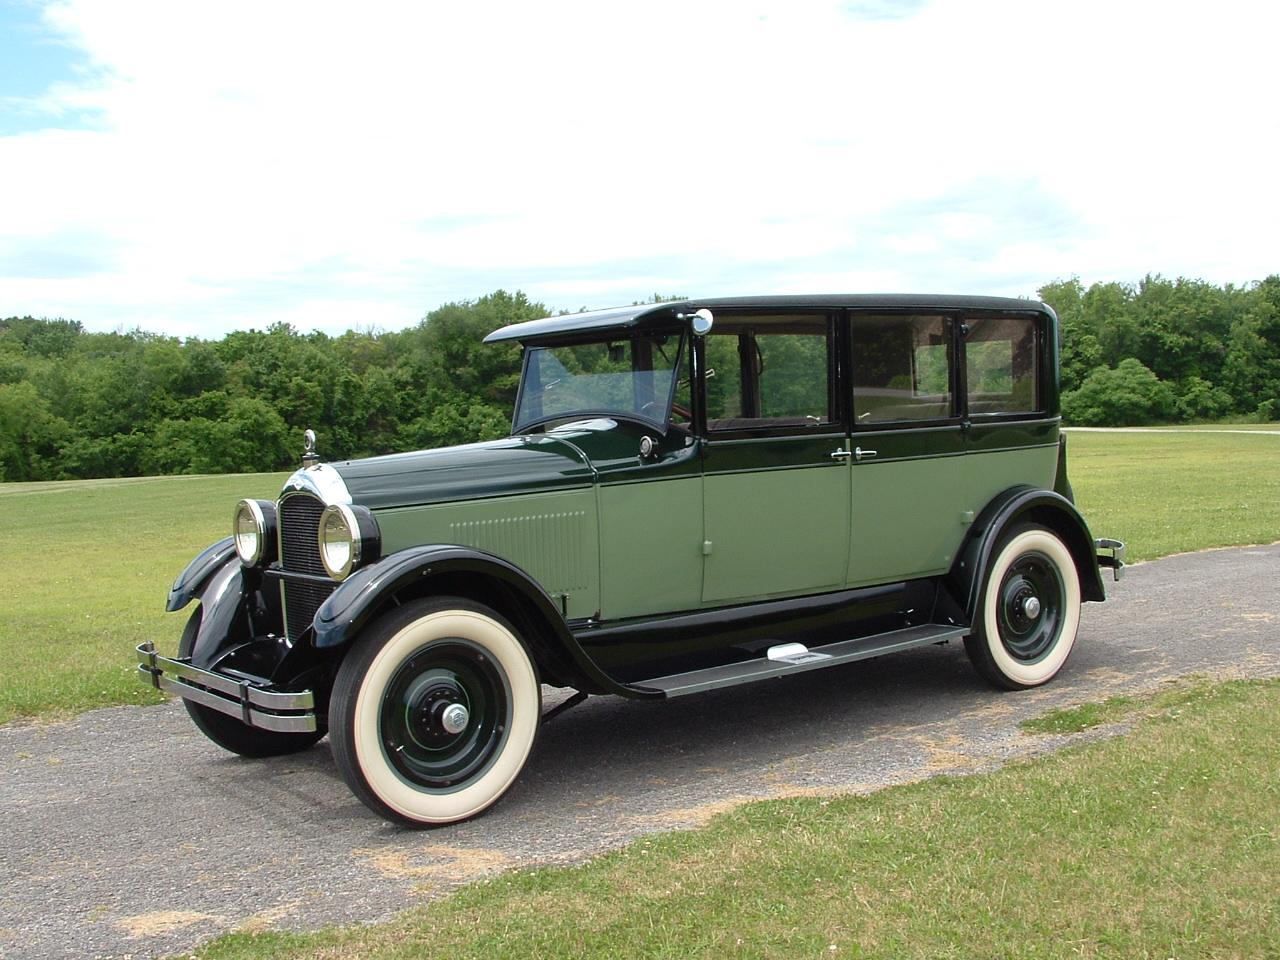 For Sale 1926 PAIGE 6-72 - Cars For Sale - Antique Automobile Club ...